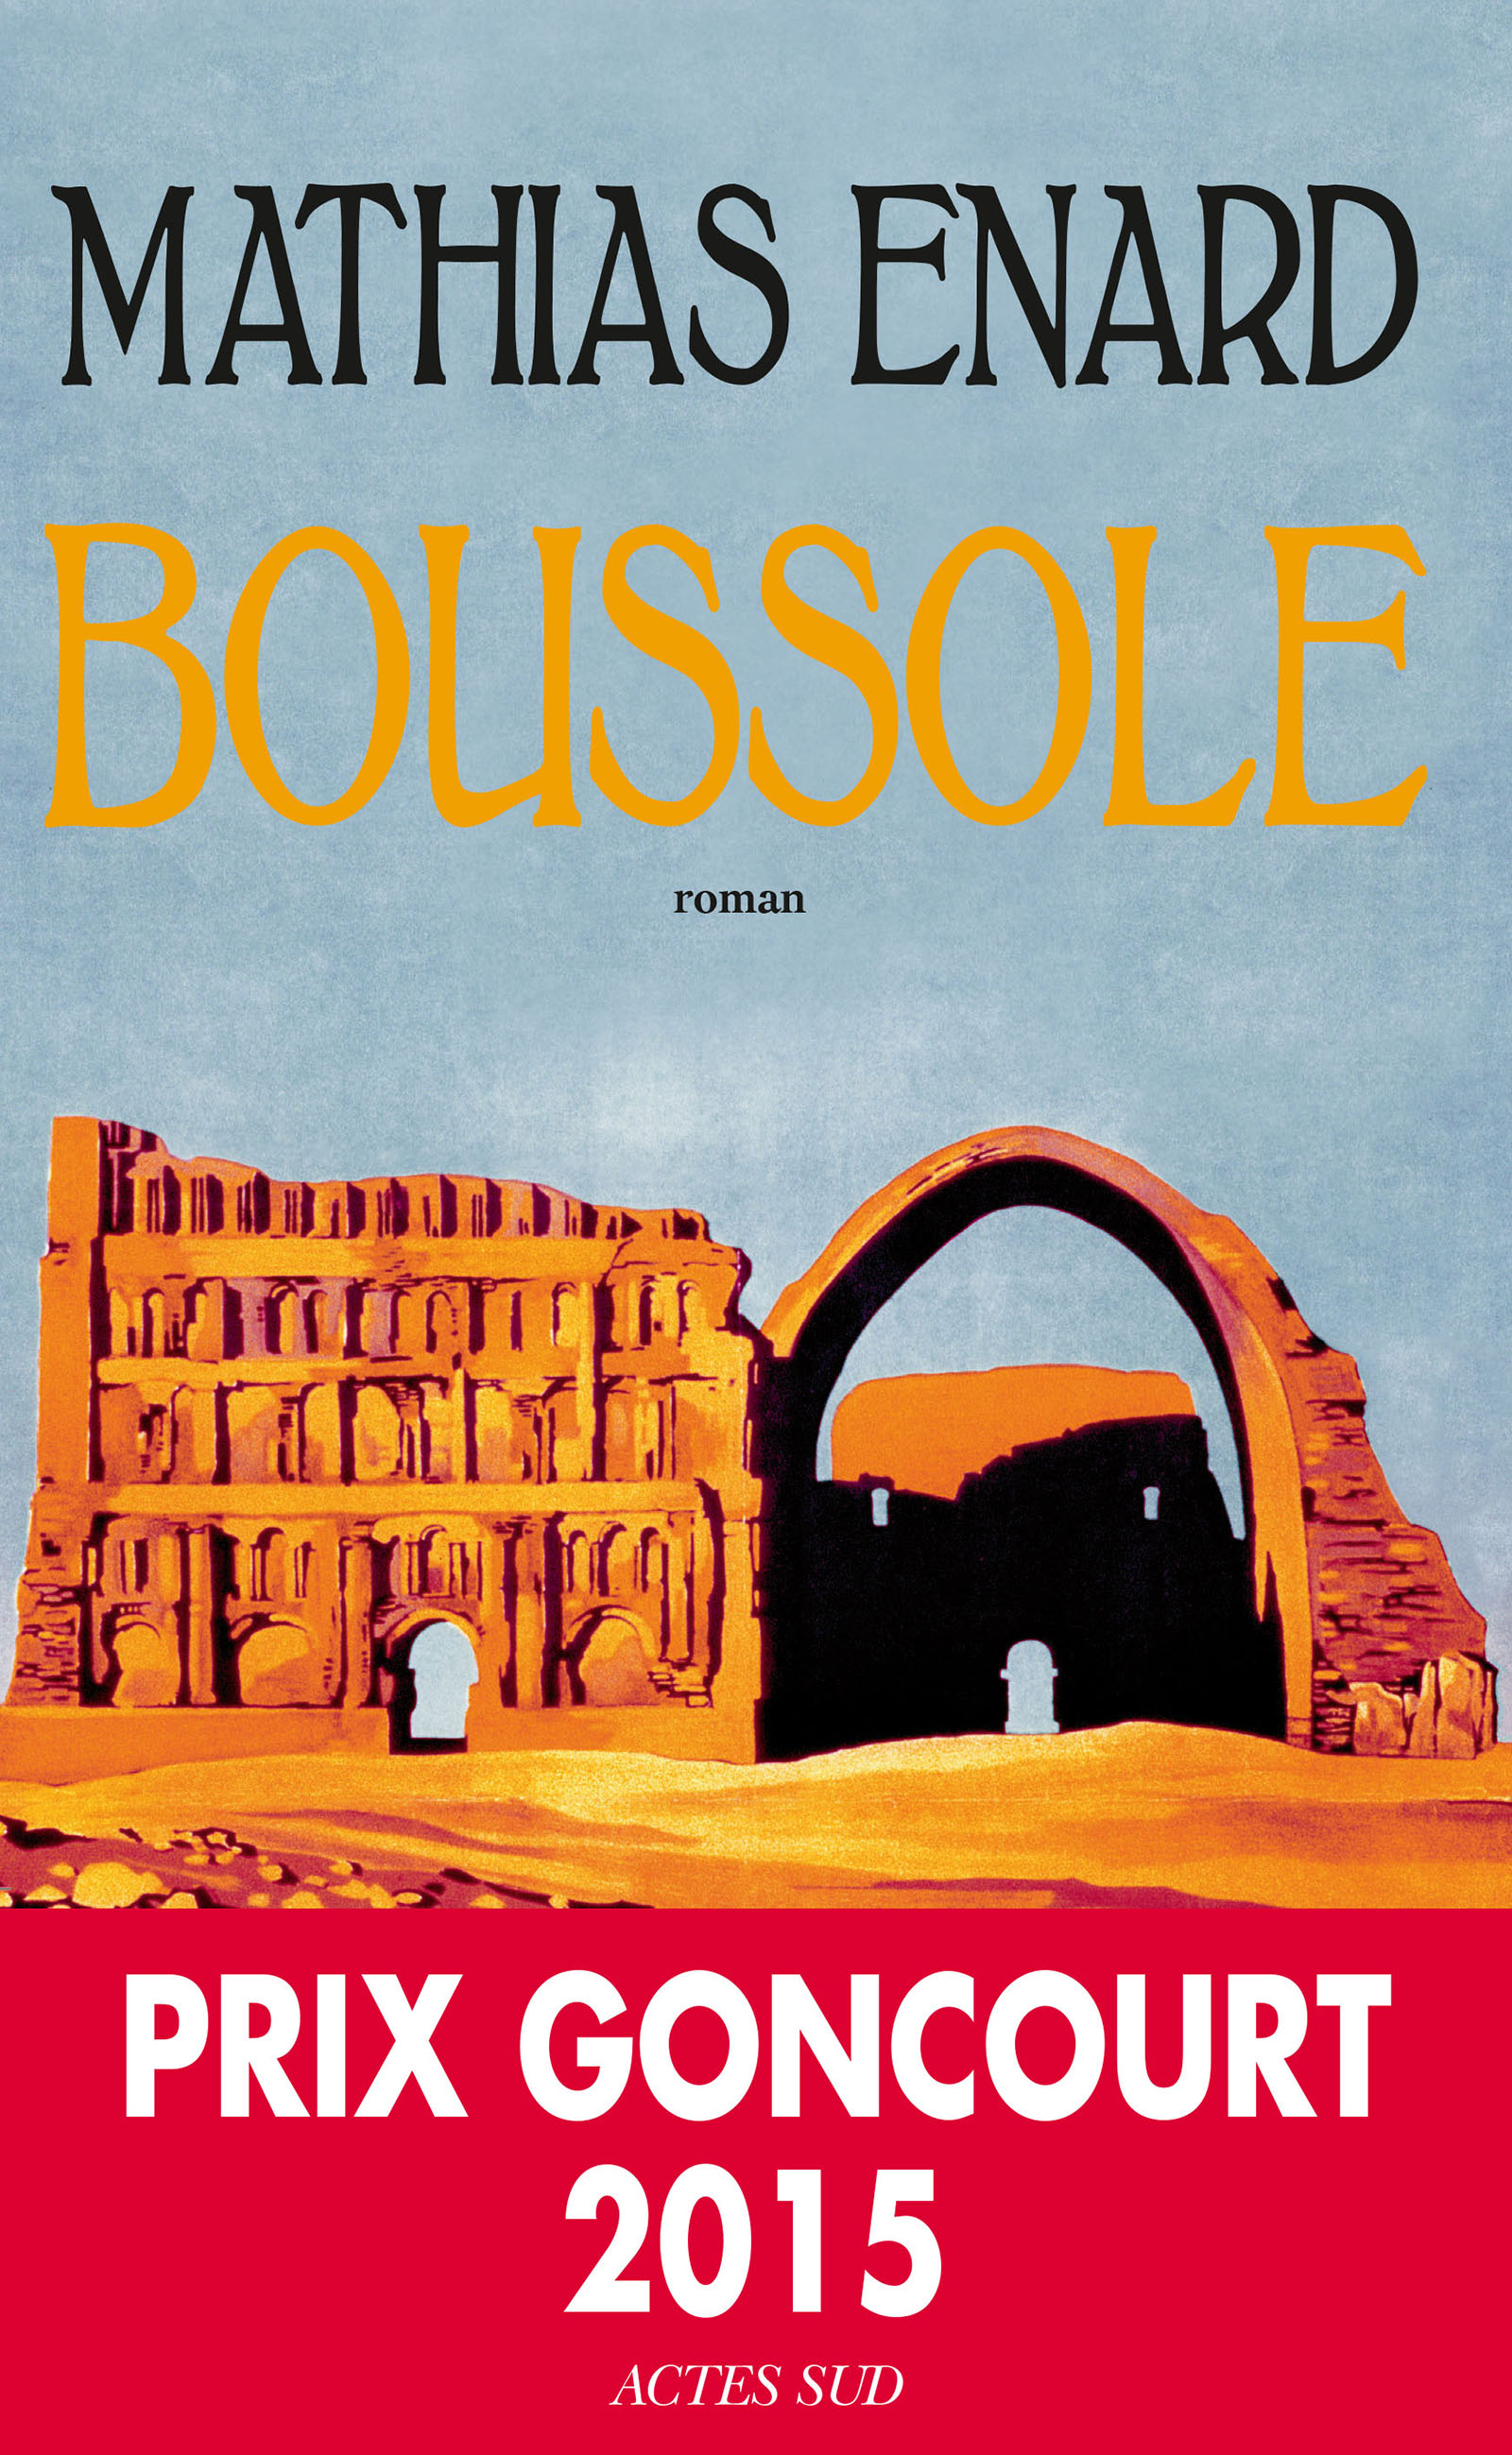 Boussole